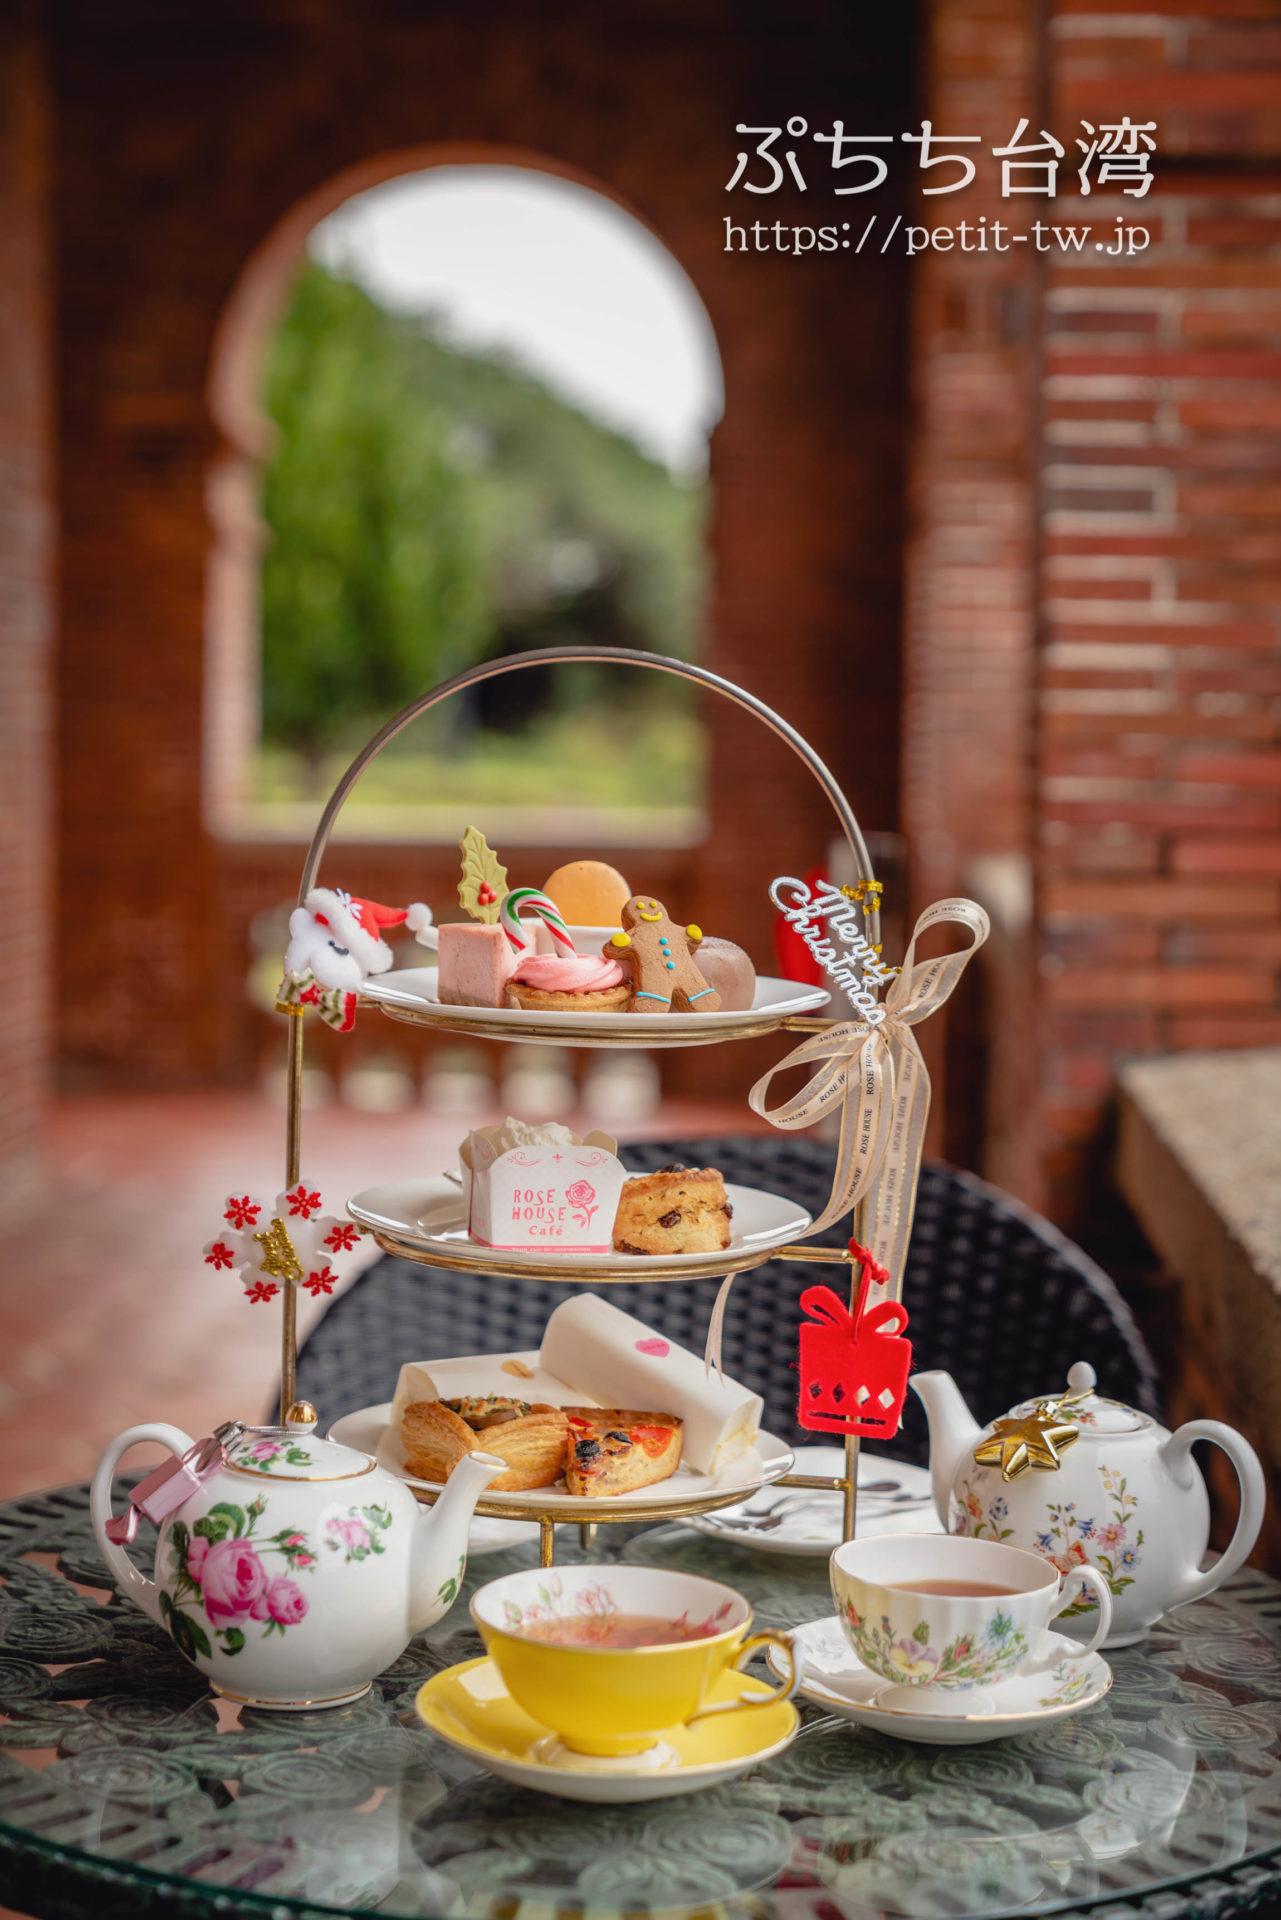 古典玫瑰園 Tea & Art 打狗英國領事館文化園區のアフタヌーンティー